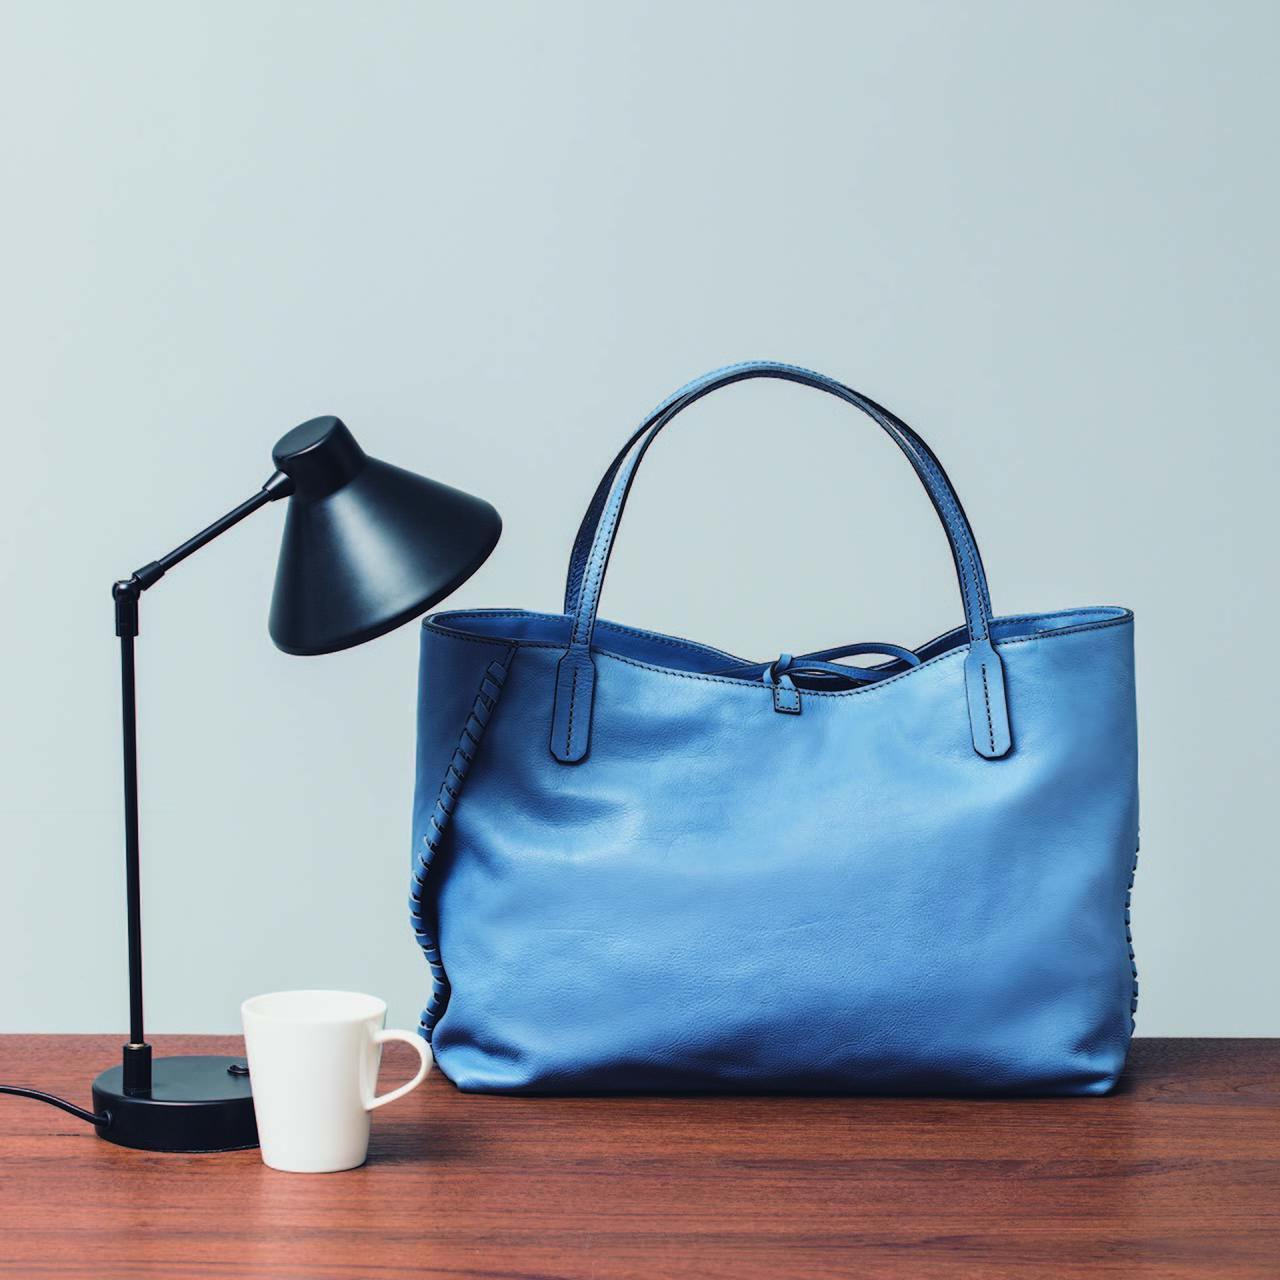 B4サイズのジャンニ キアリーニのバッグ